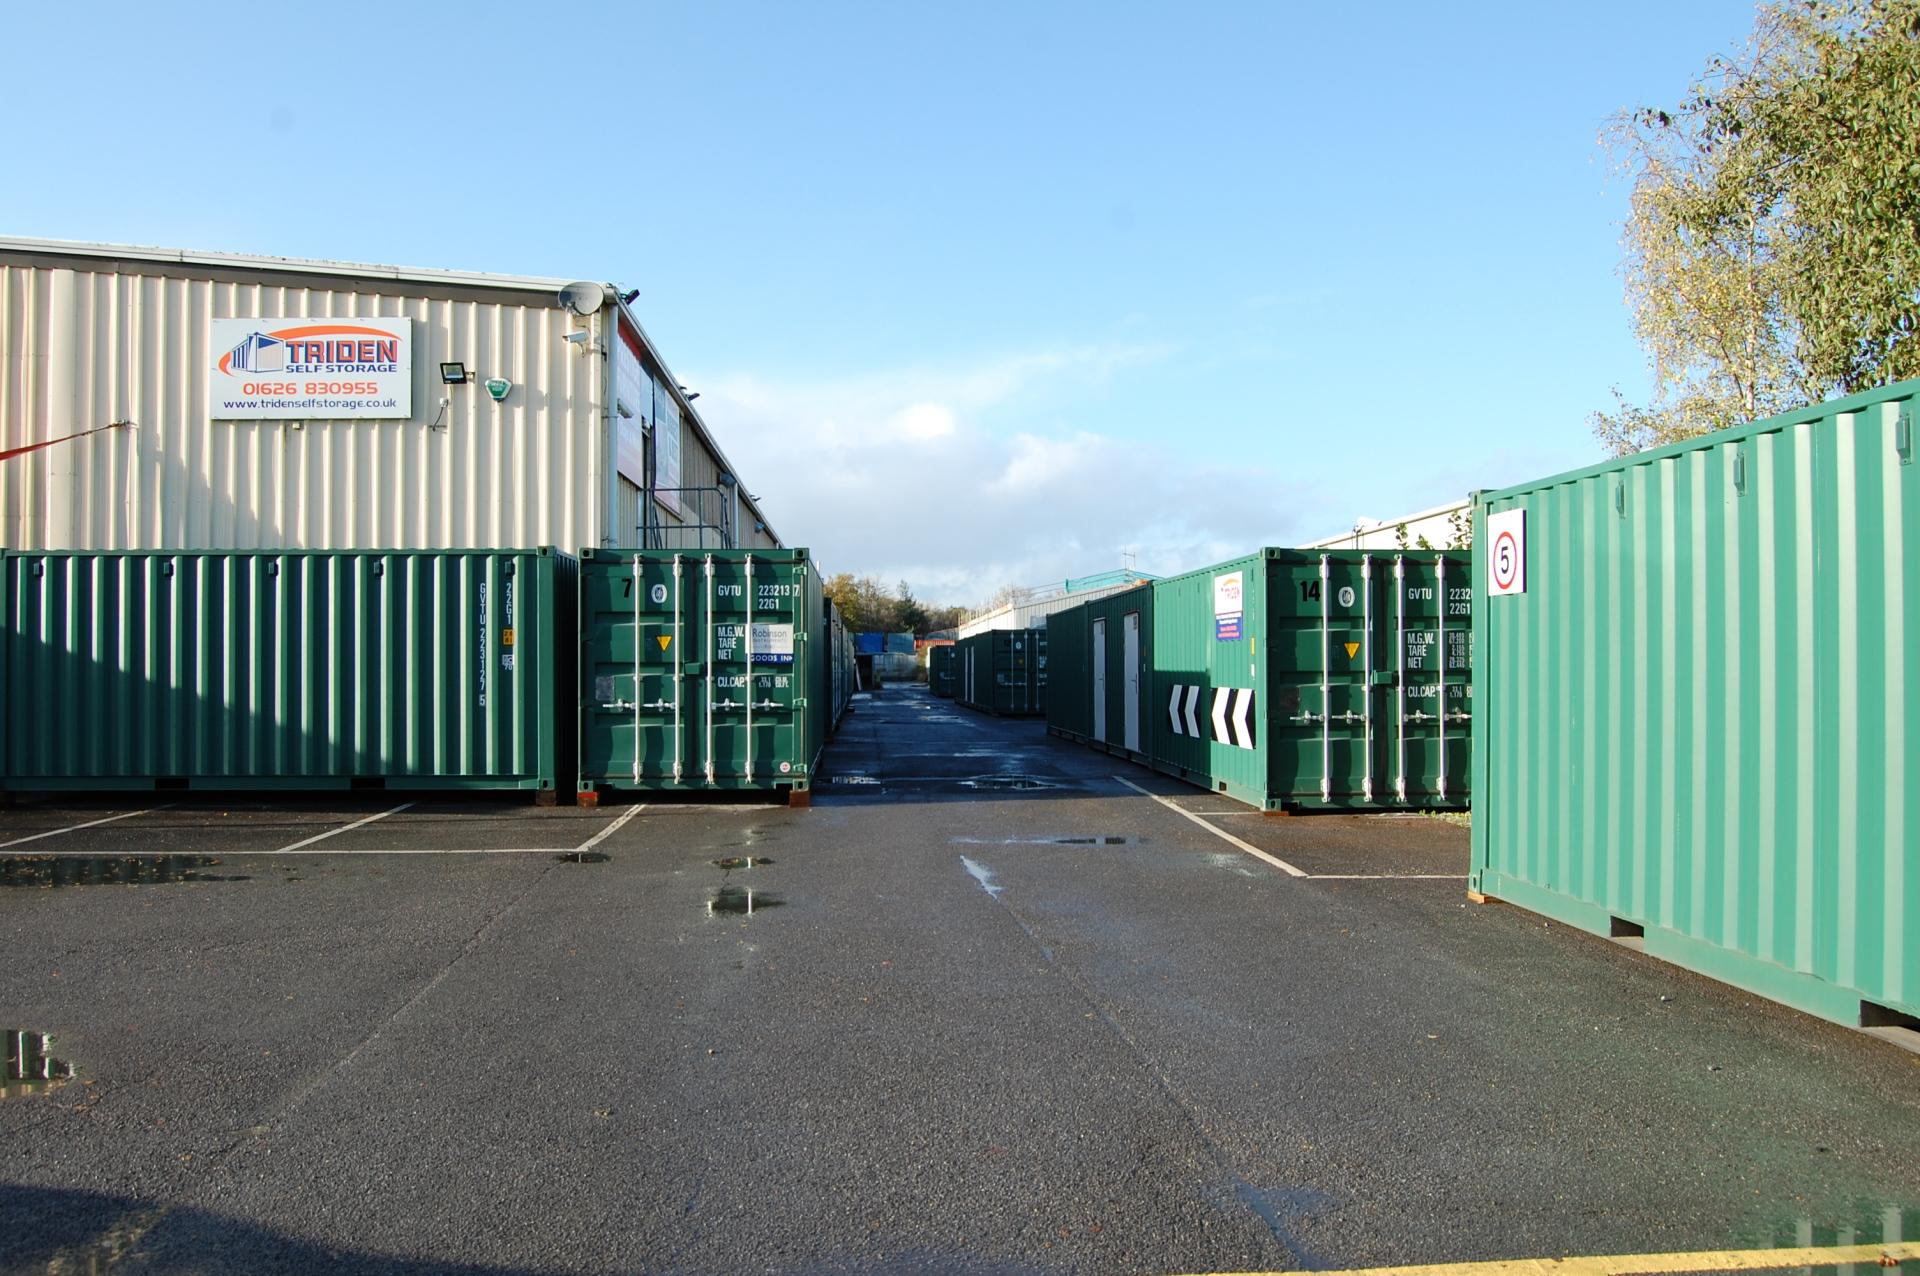 Triden self storage store front